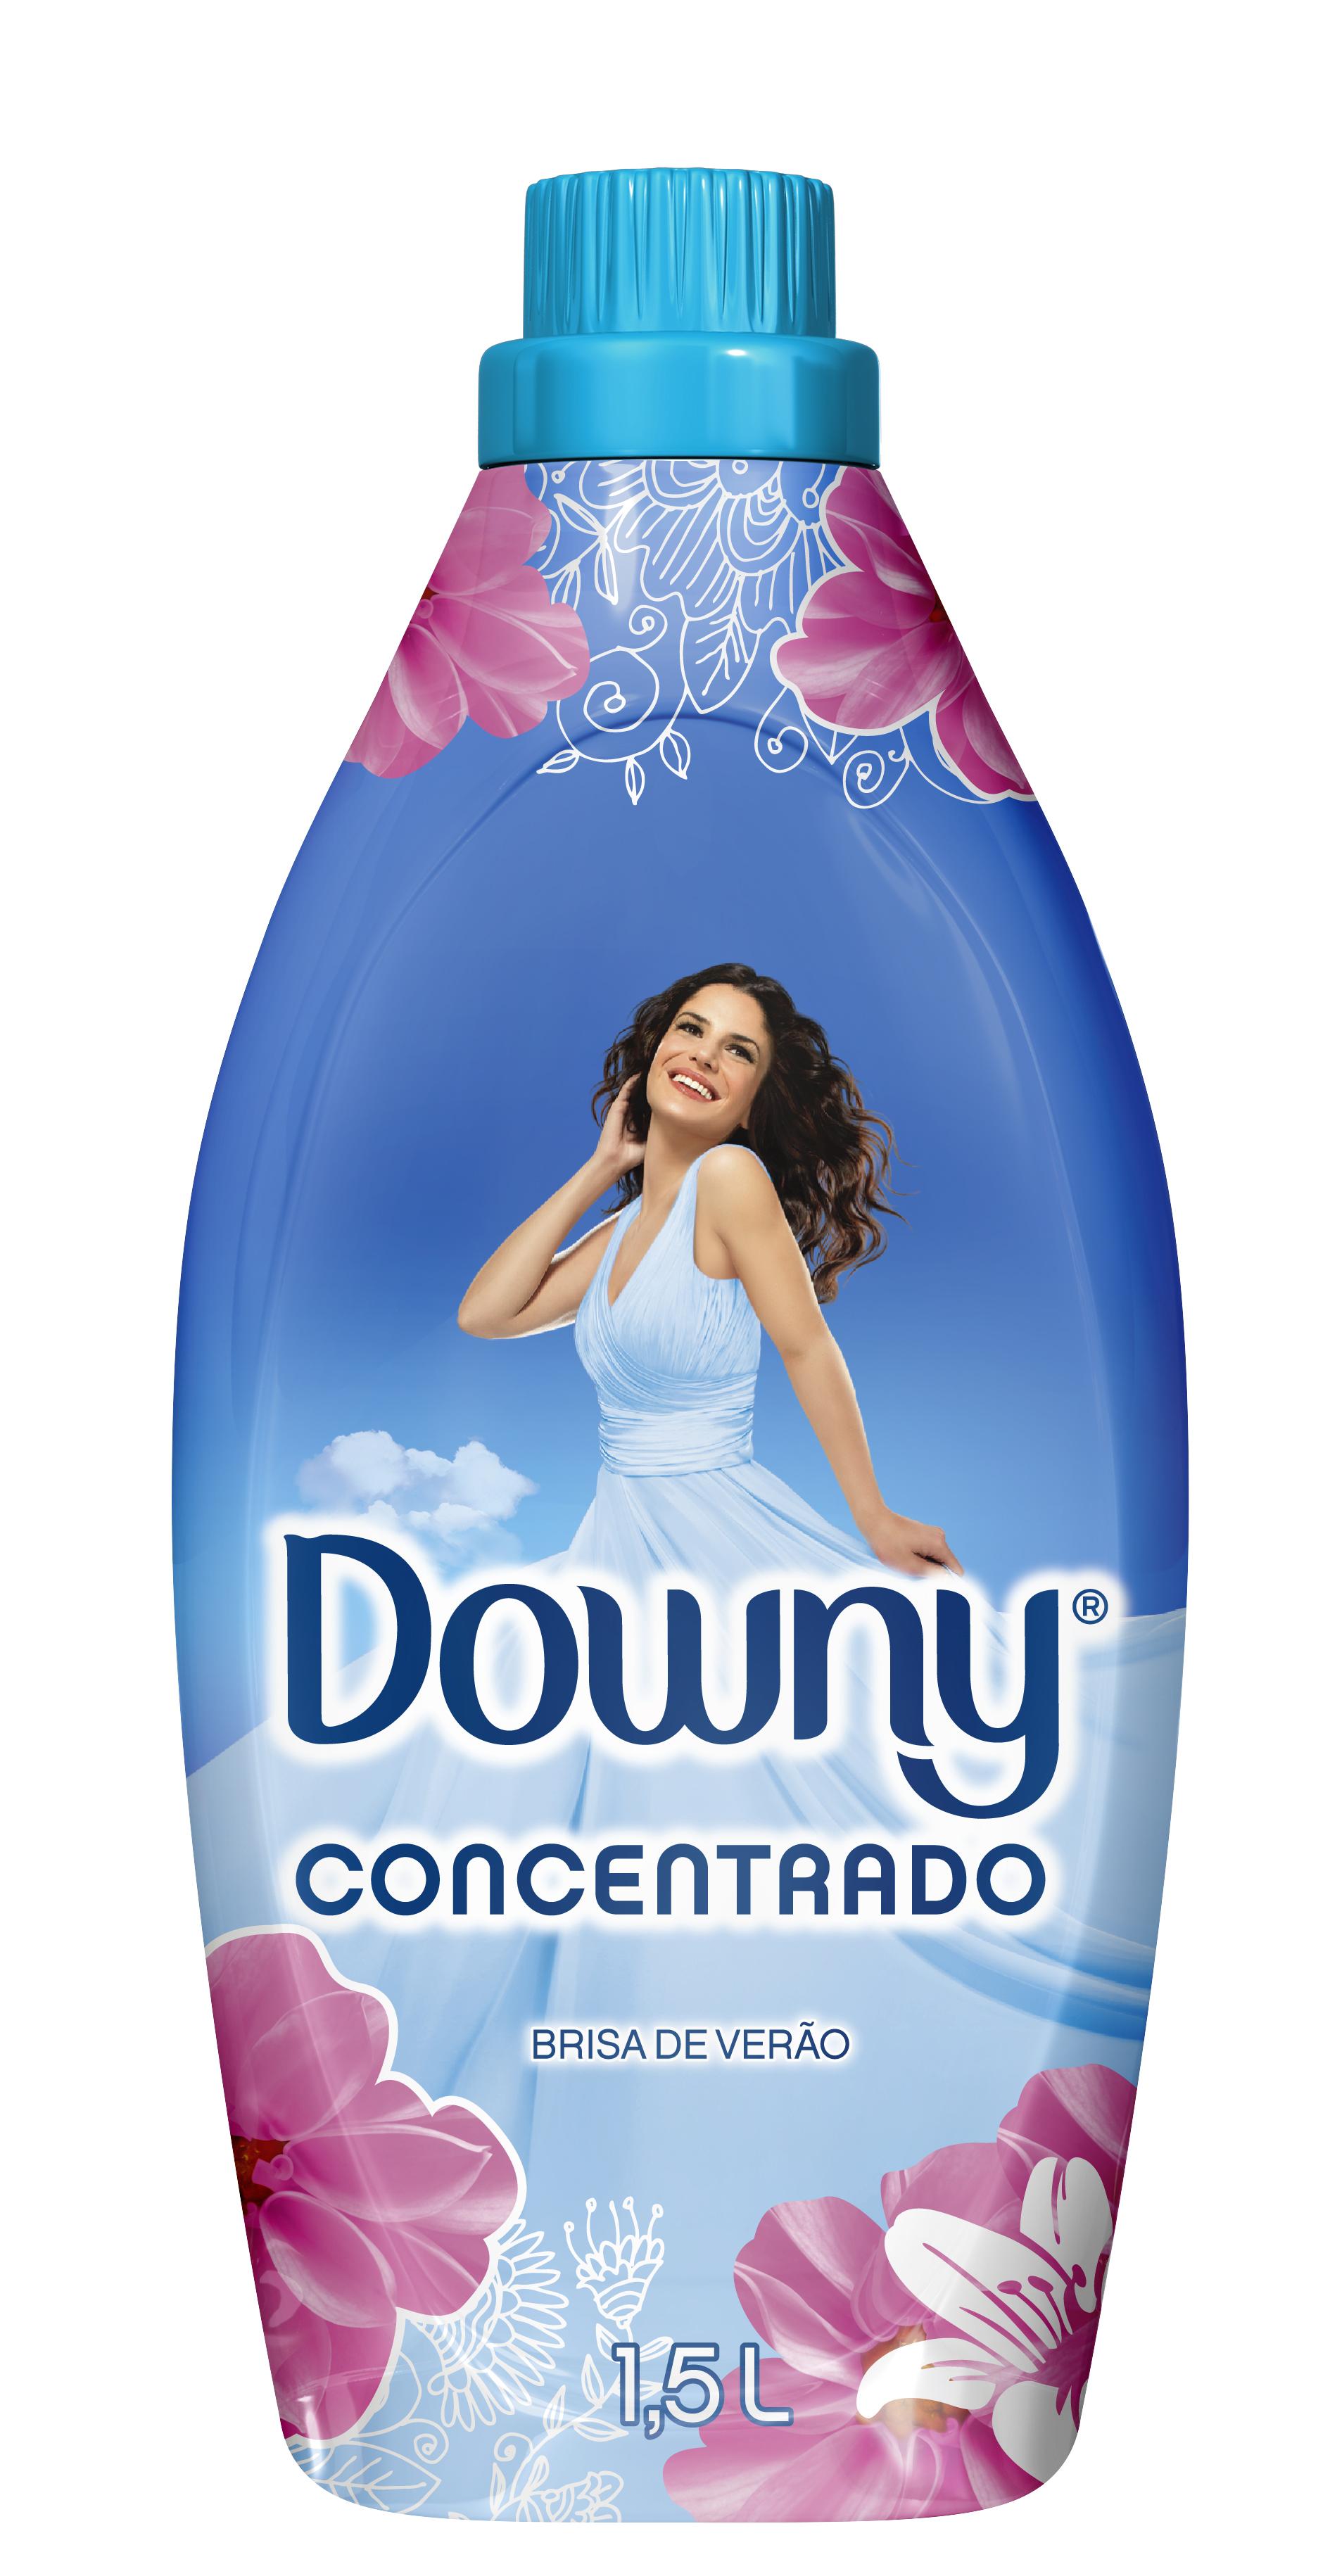 Amaciante Concentrado Downy Brisa de Verão 1,5L